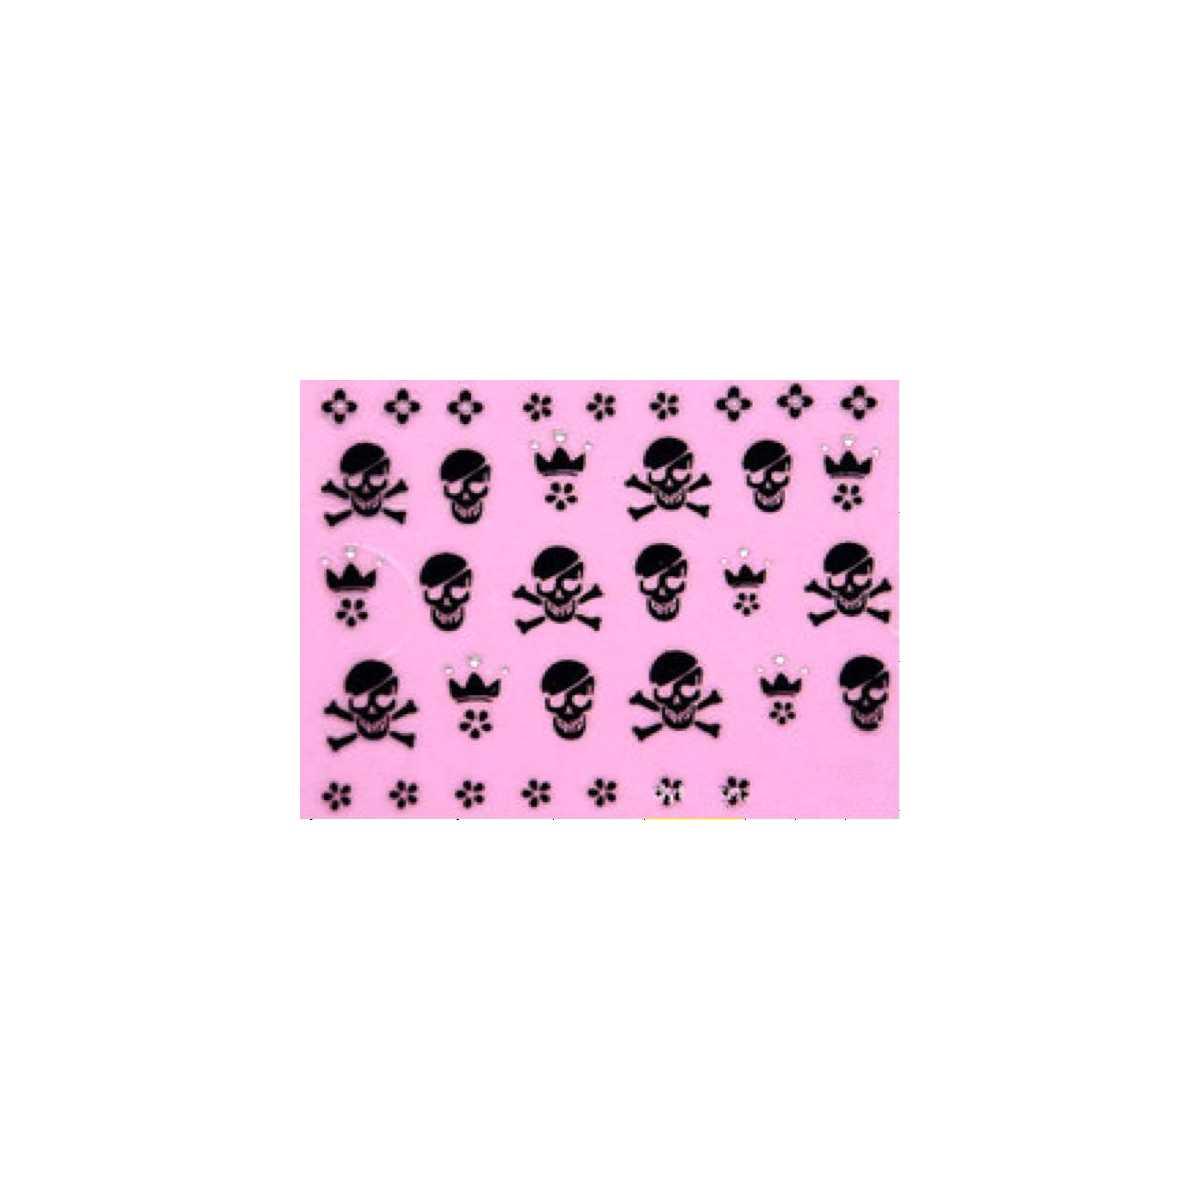 https://www.kit-manucure.com/564-thickbox_default/stickers-pour-ongle-tête-de-mort-noires-noir.jpg